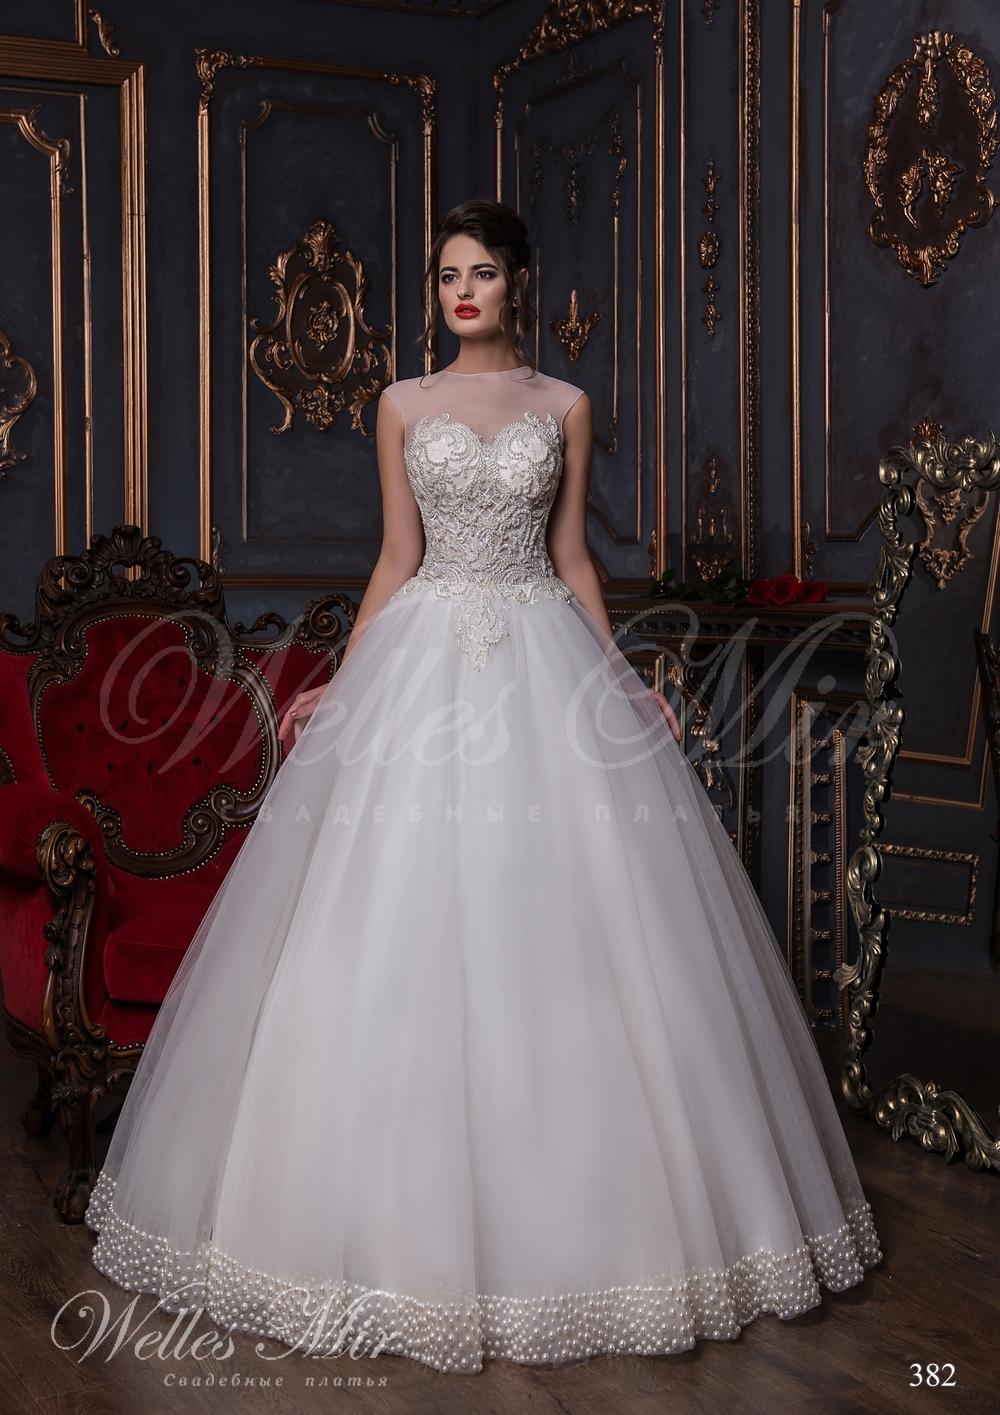 Свадебные платья Luxury collection 2017-2018 - 382